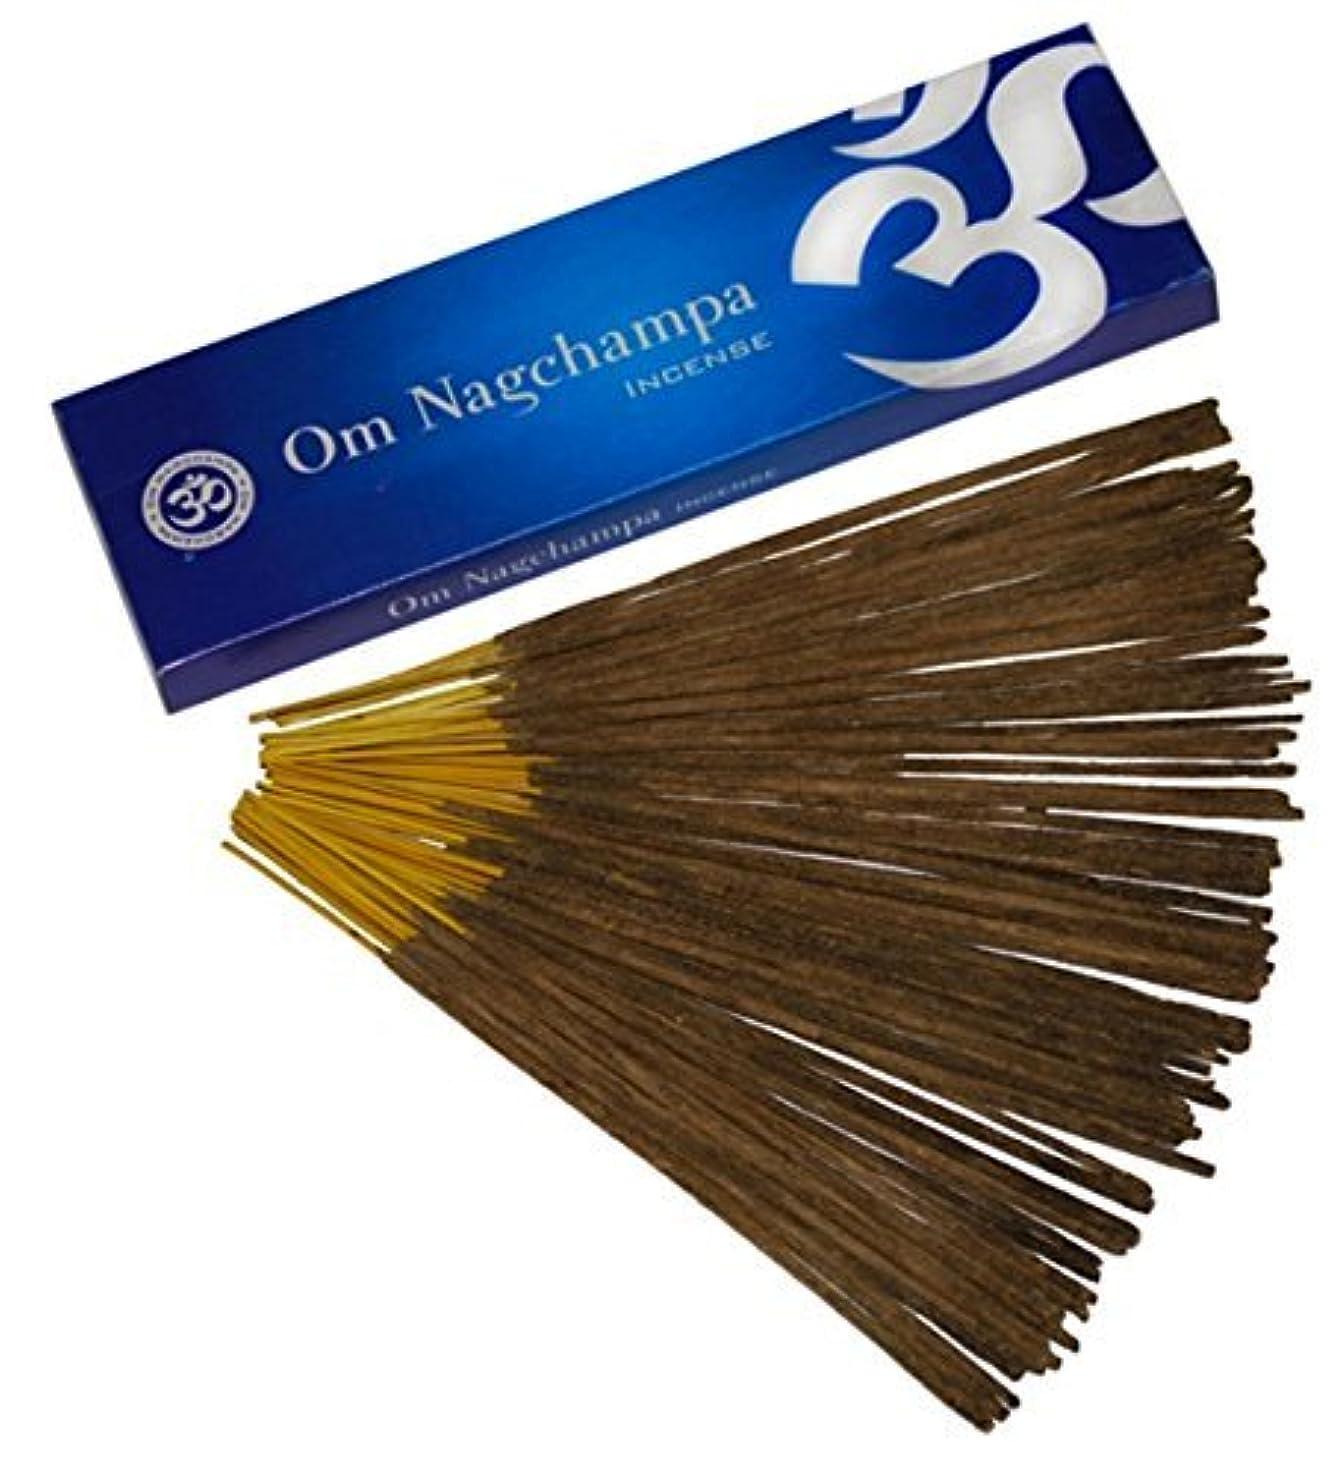 否定する突破口より多いOm Nagchampa Nag ChampaプレミアムIncense Fragrance 15 g 40 g 100 g 100g ブラウン B00MV3LZ9E